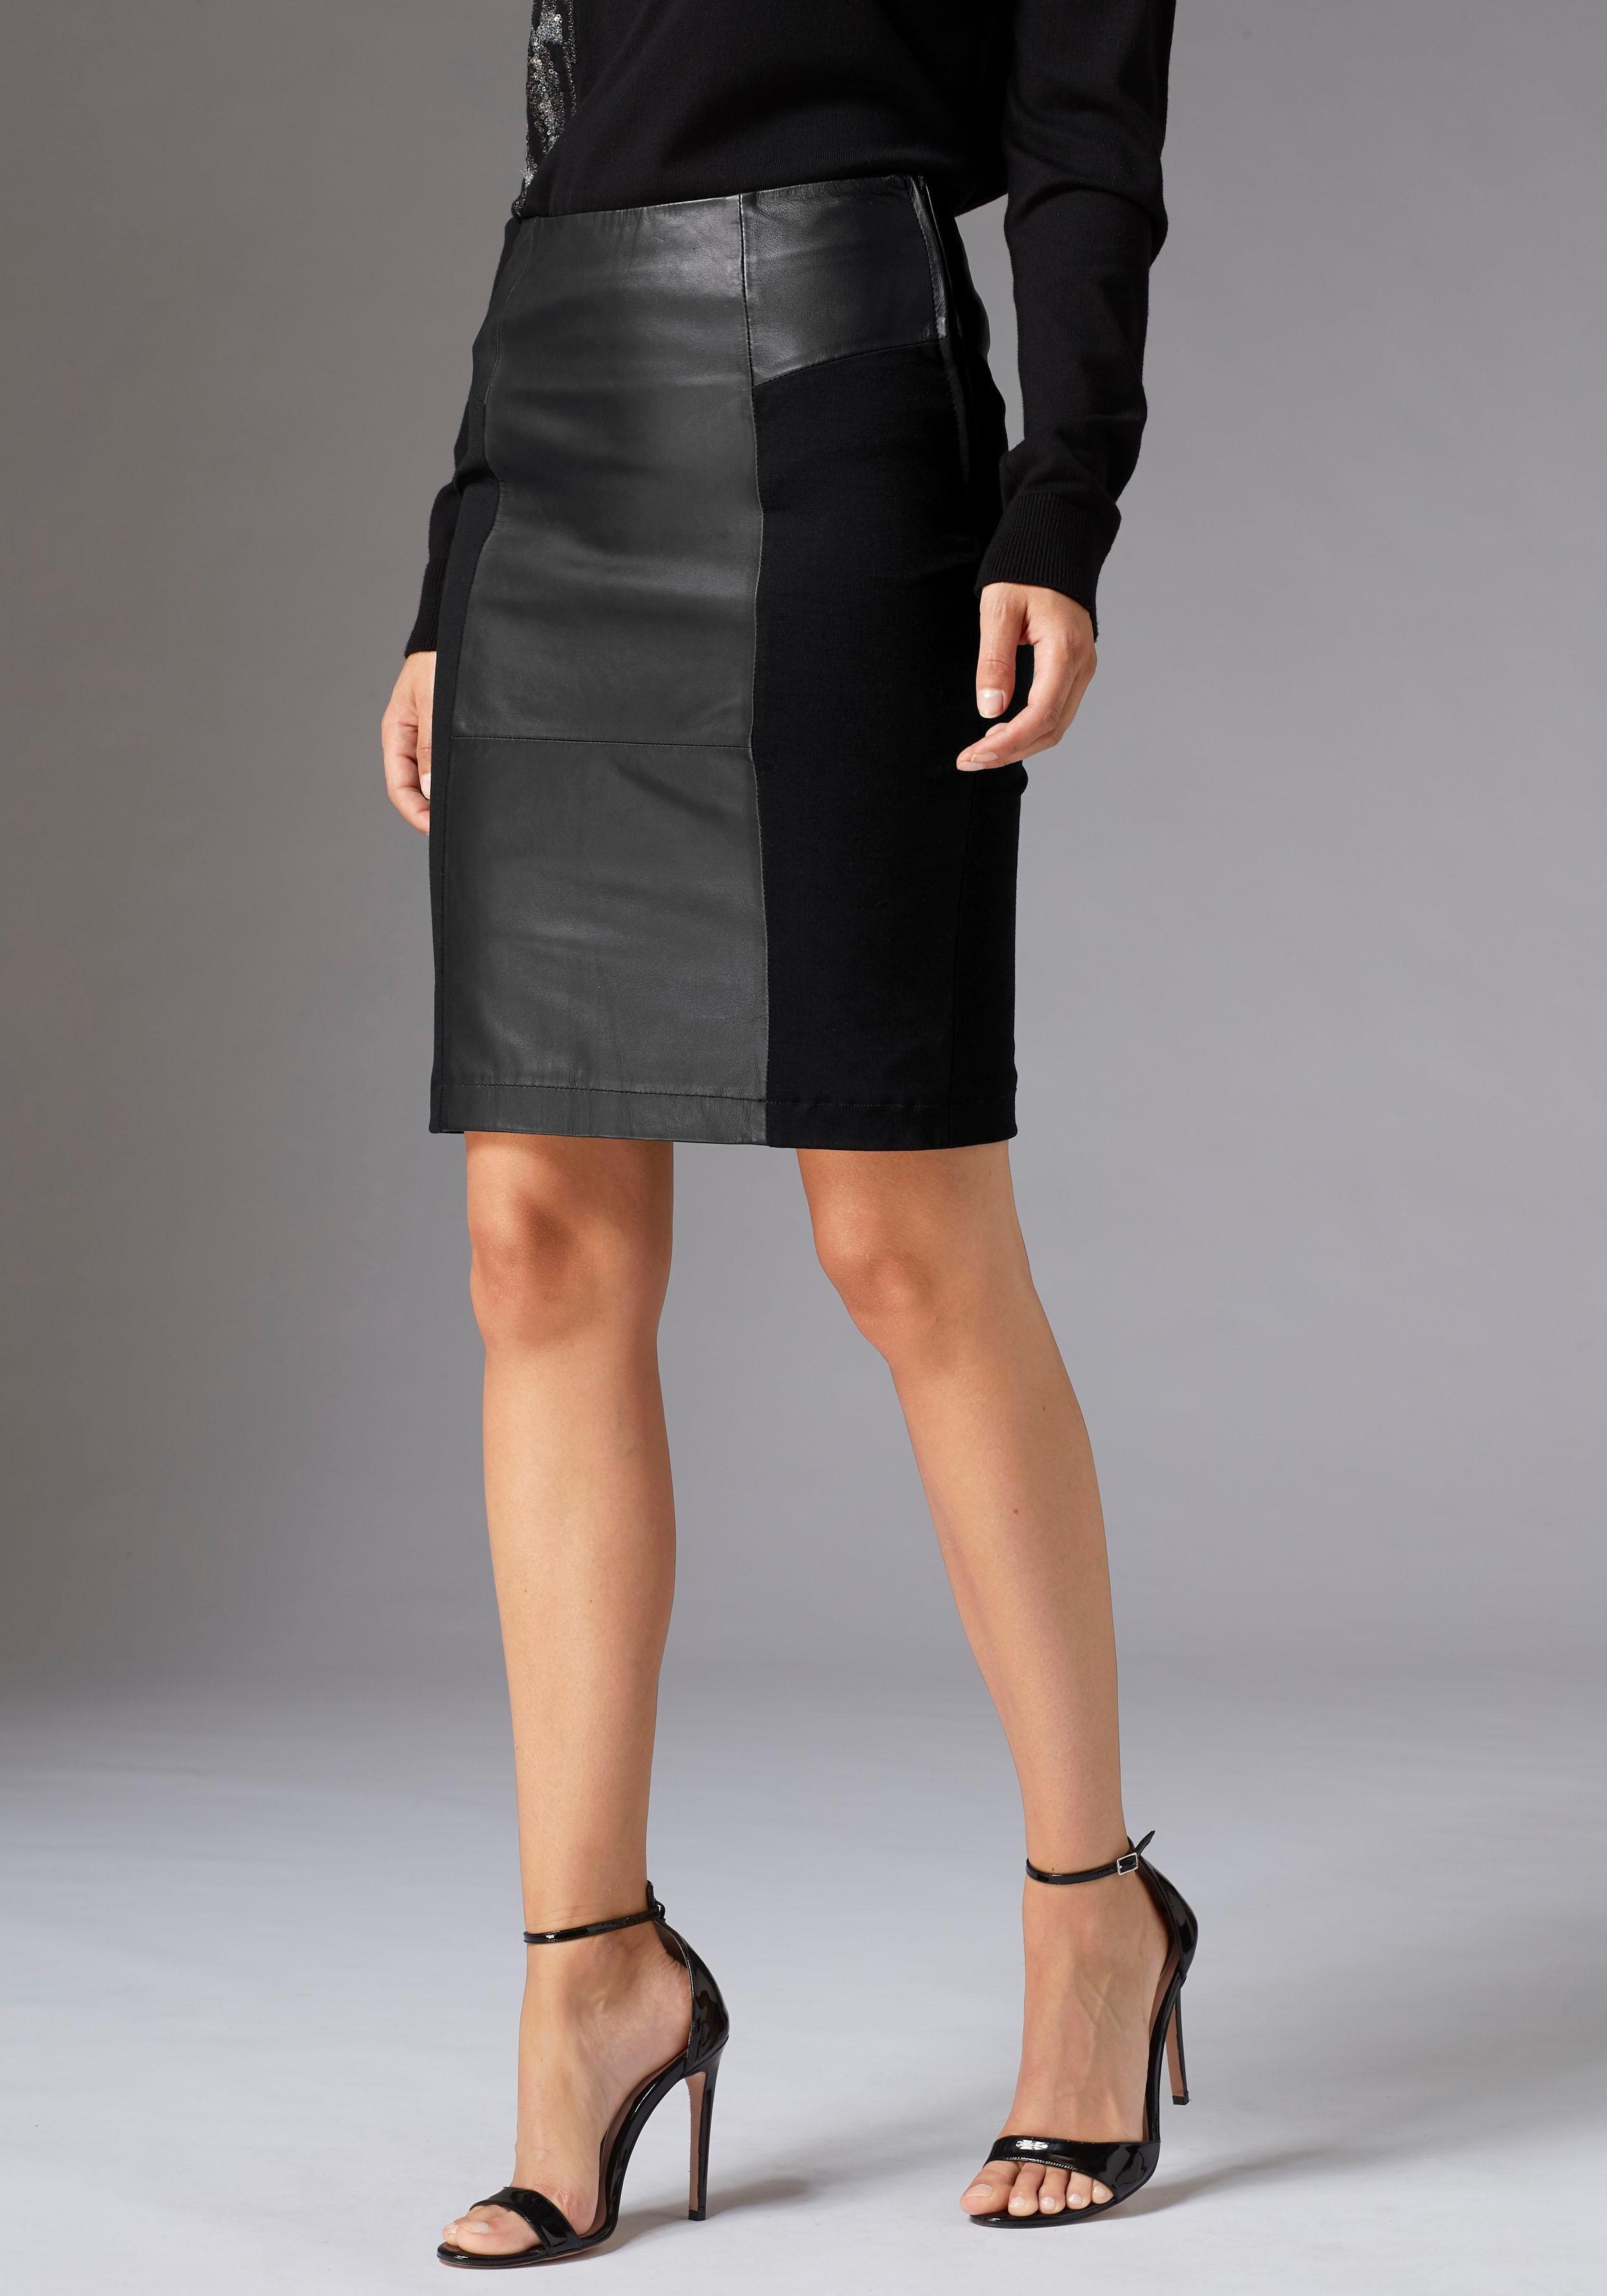 guido maria kretschmer -  Lederrock mit Leder- und Stoffeinsätzen